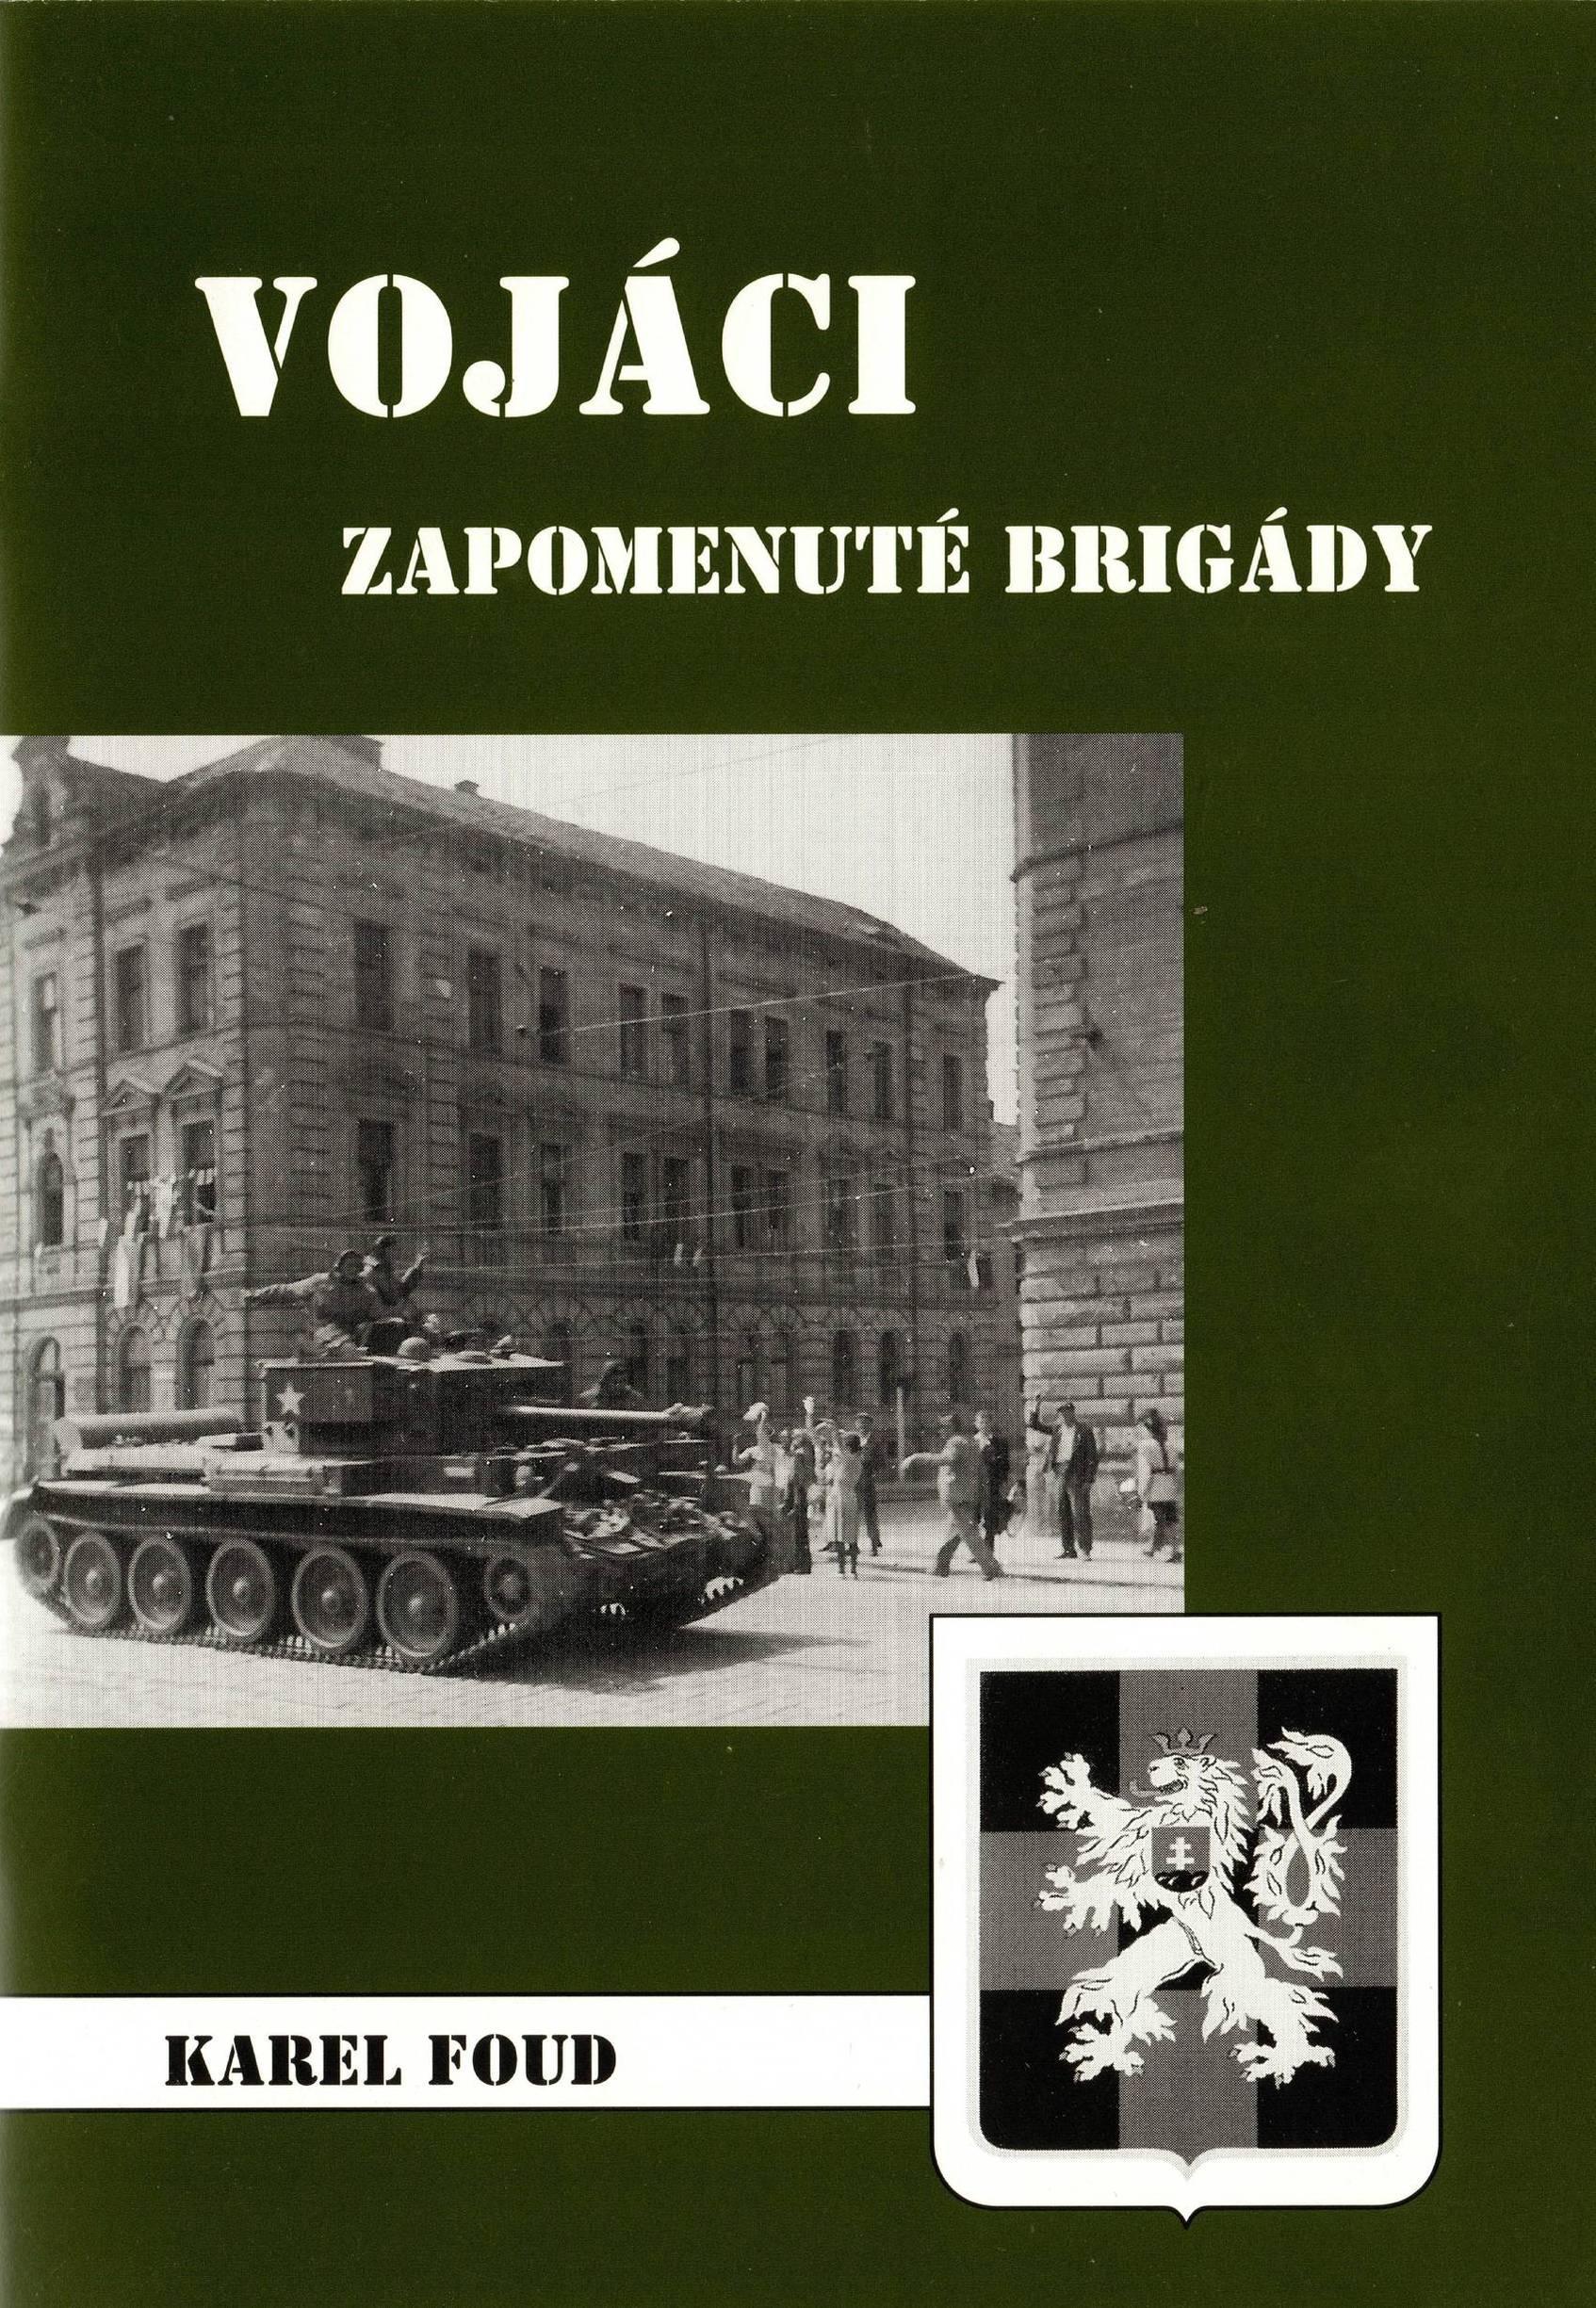 Vojáci zapomenuté brigády